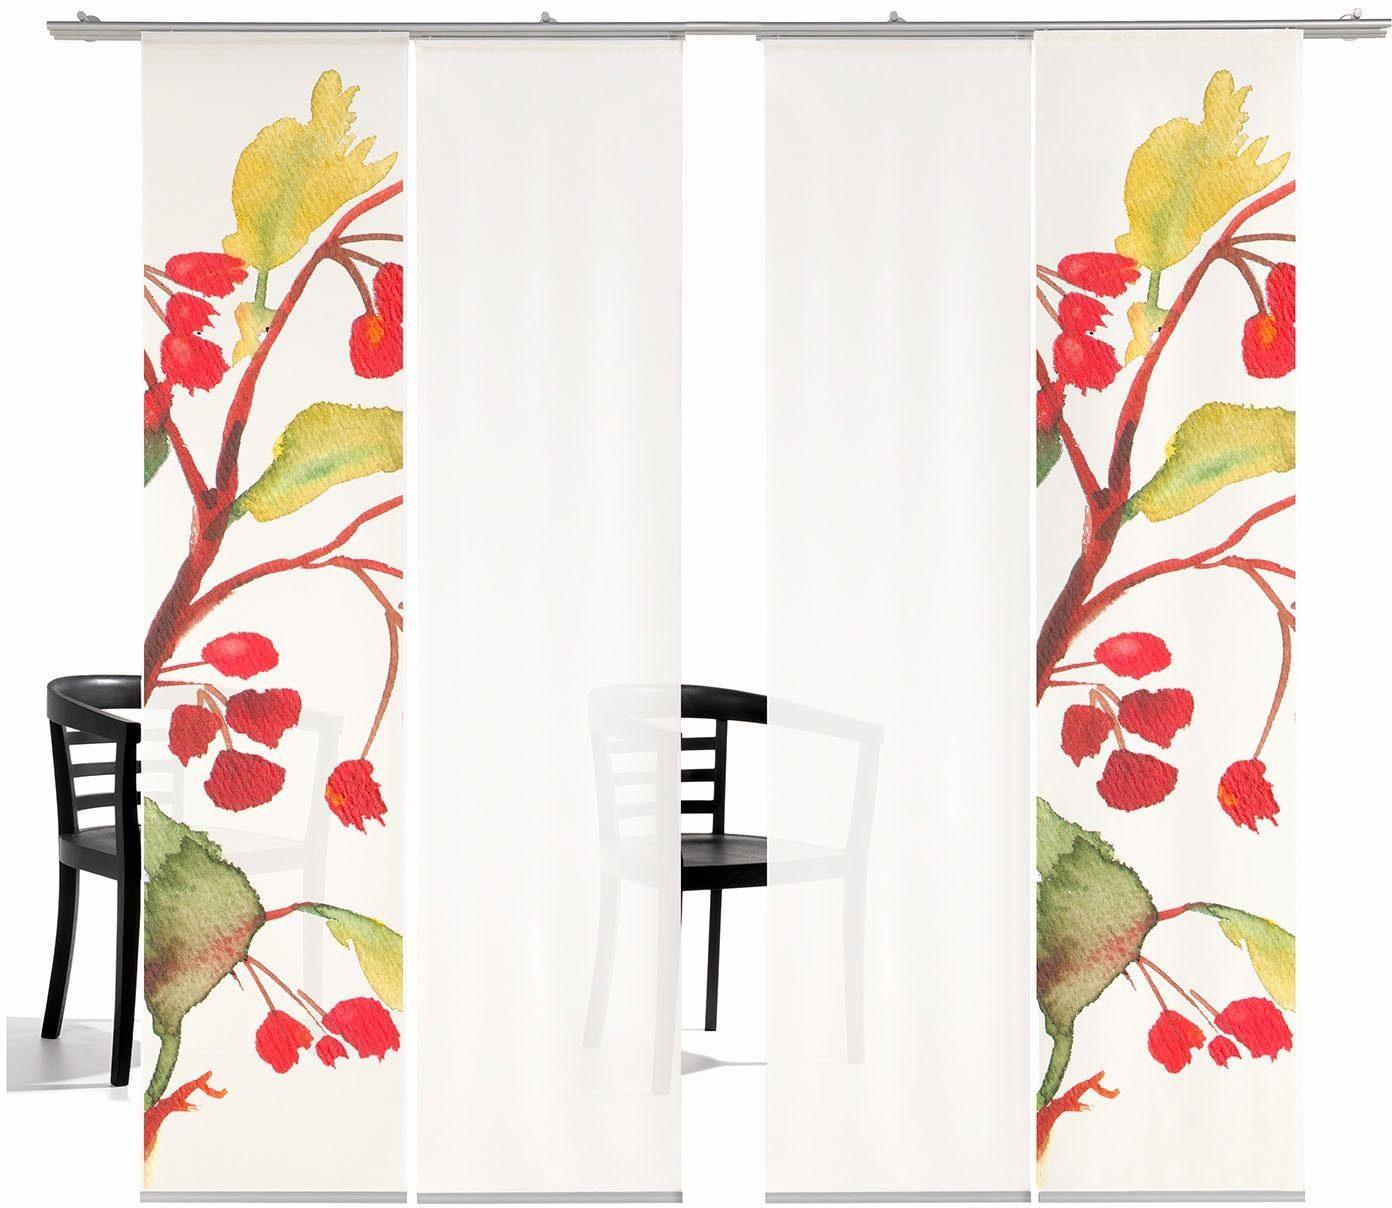 Schiebegardine »Kirschblüten HA«, emotion textiles, Klettband (4 Stück), inkl. Befestigungszubehör